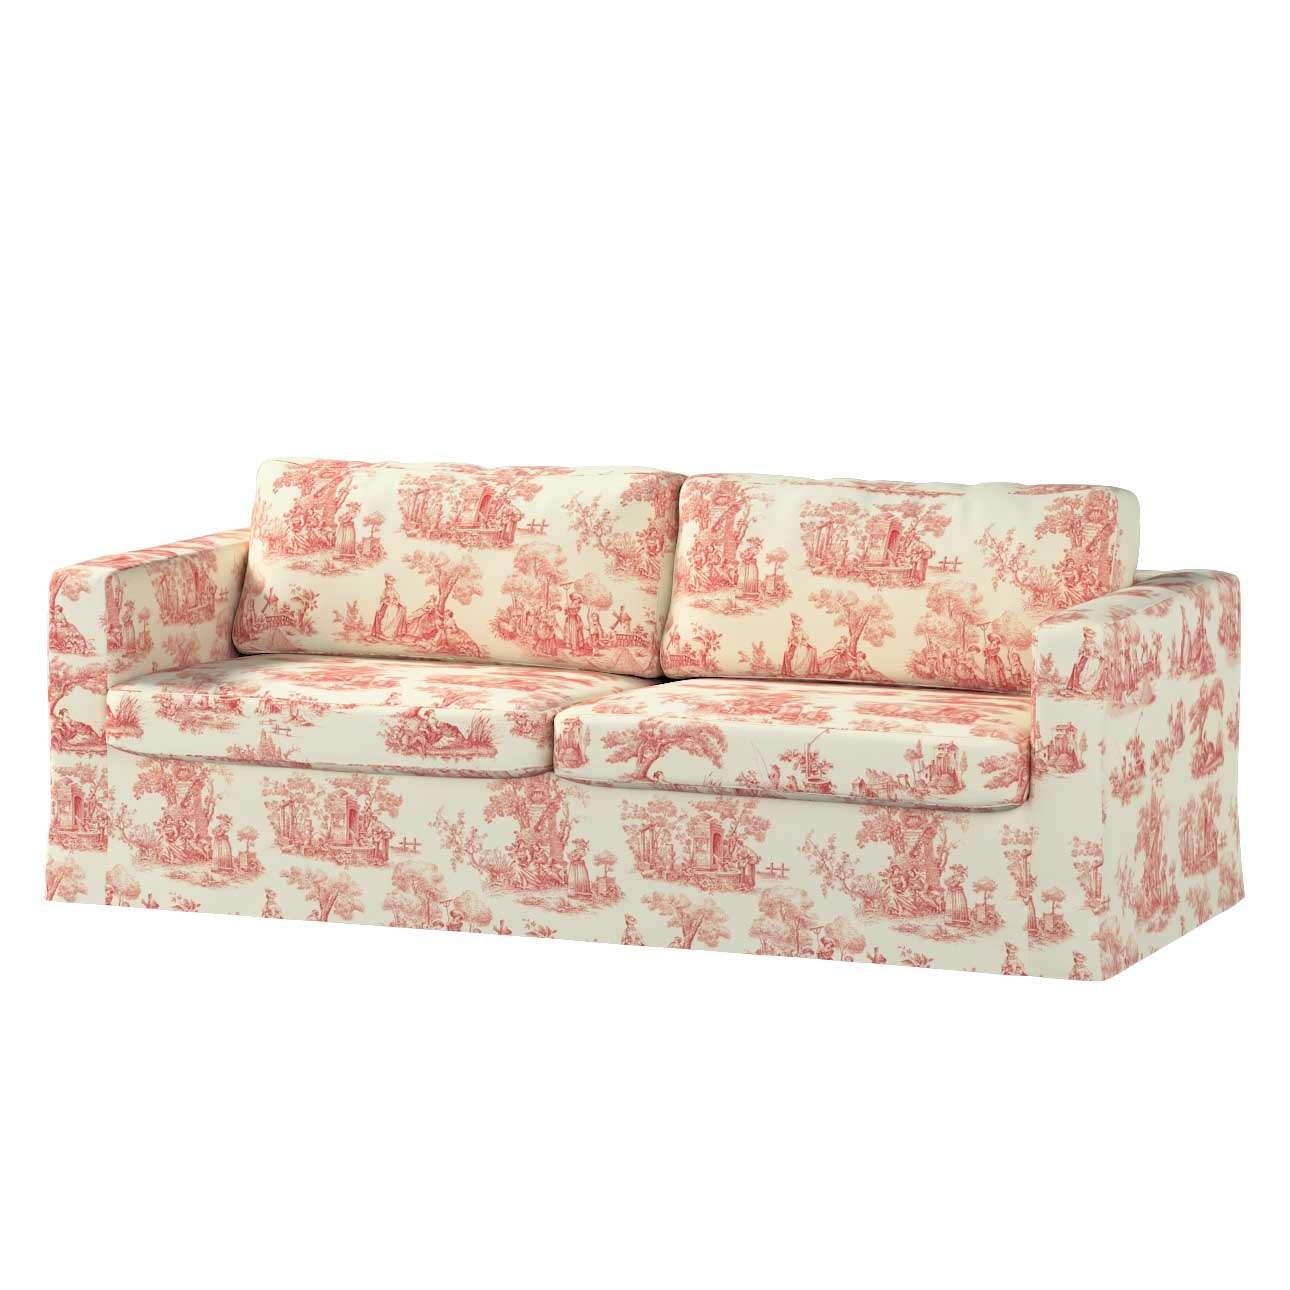 Karlstad trivietės sofos užvalkalas (ilgas, iki žemės) Karlstad trivietės sofos užvalkalas (ilgas, iki žemės) kolekcijoje Avinon, audinys: 132-15